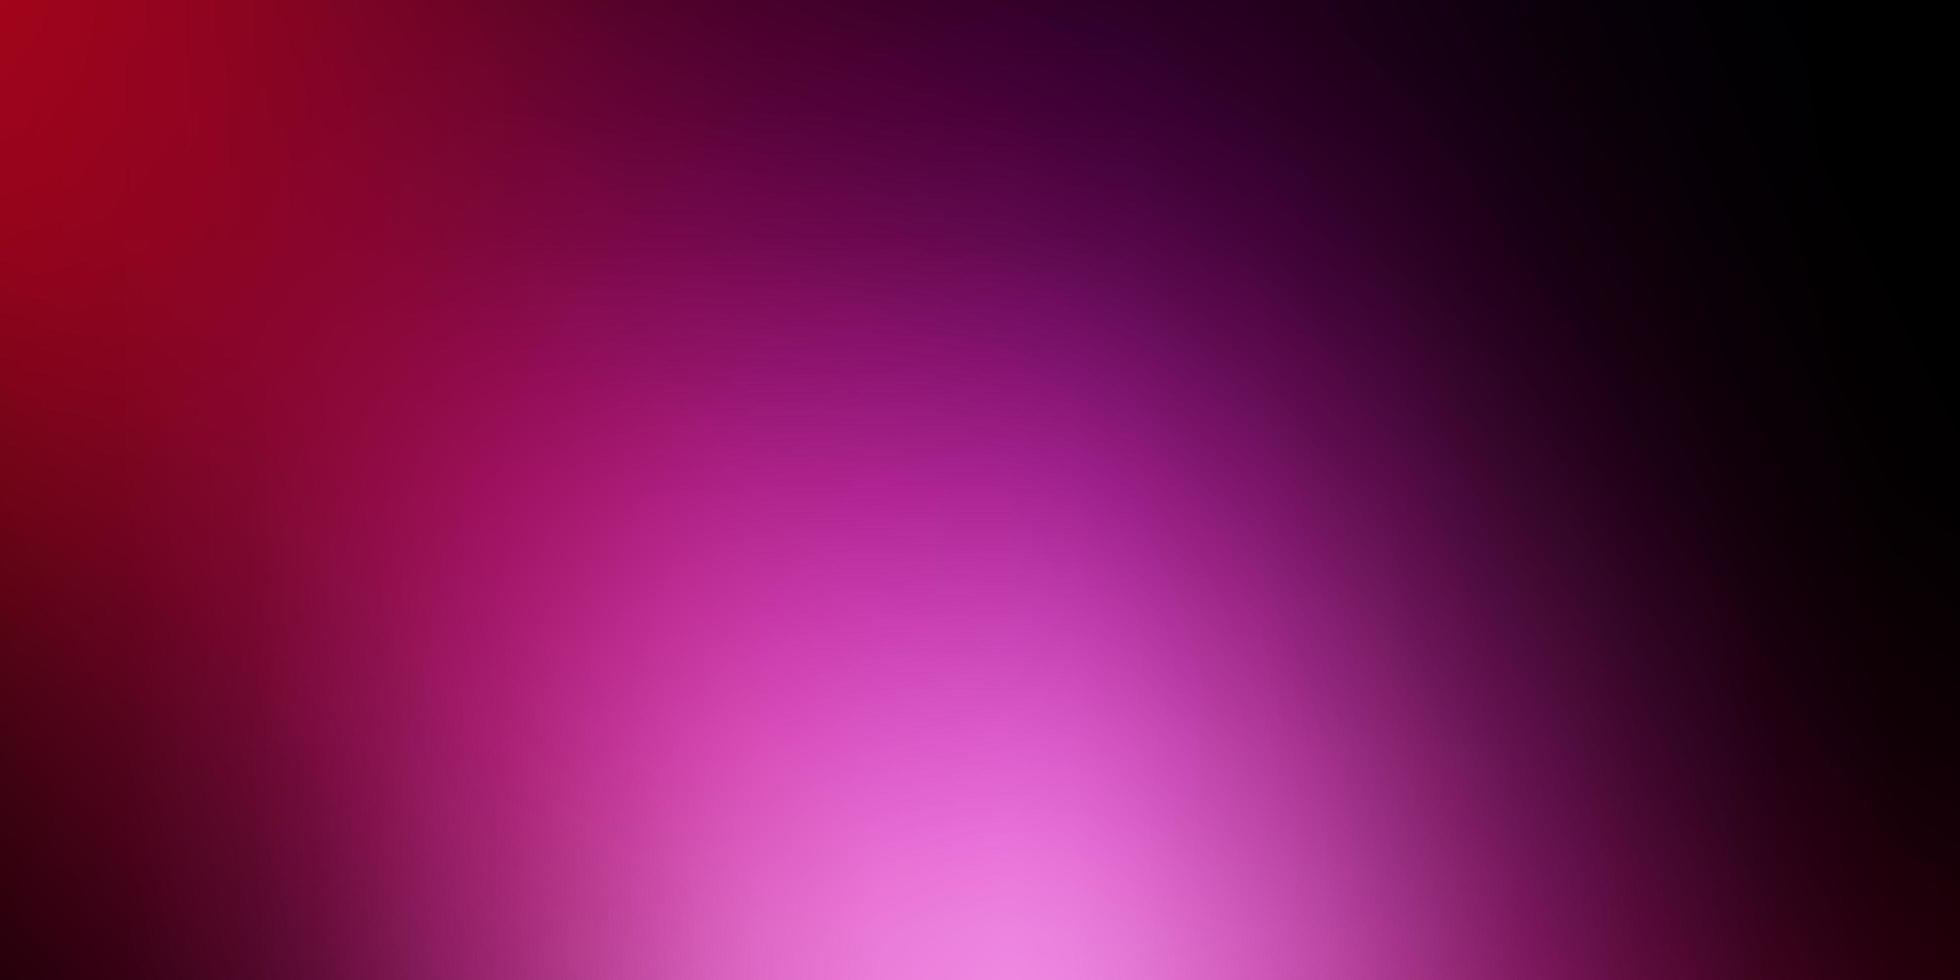 fundo desfocado abstrato do vetor roxo, rosa escuro.